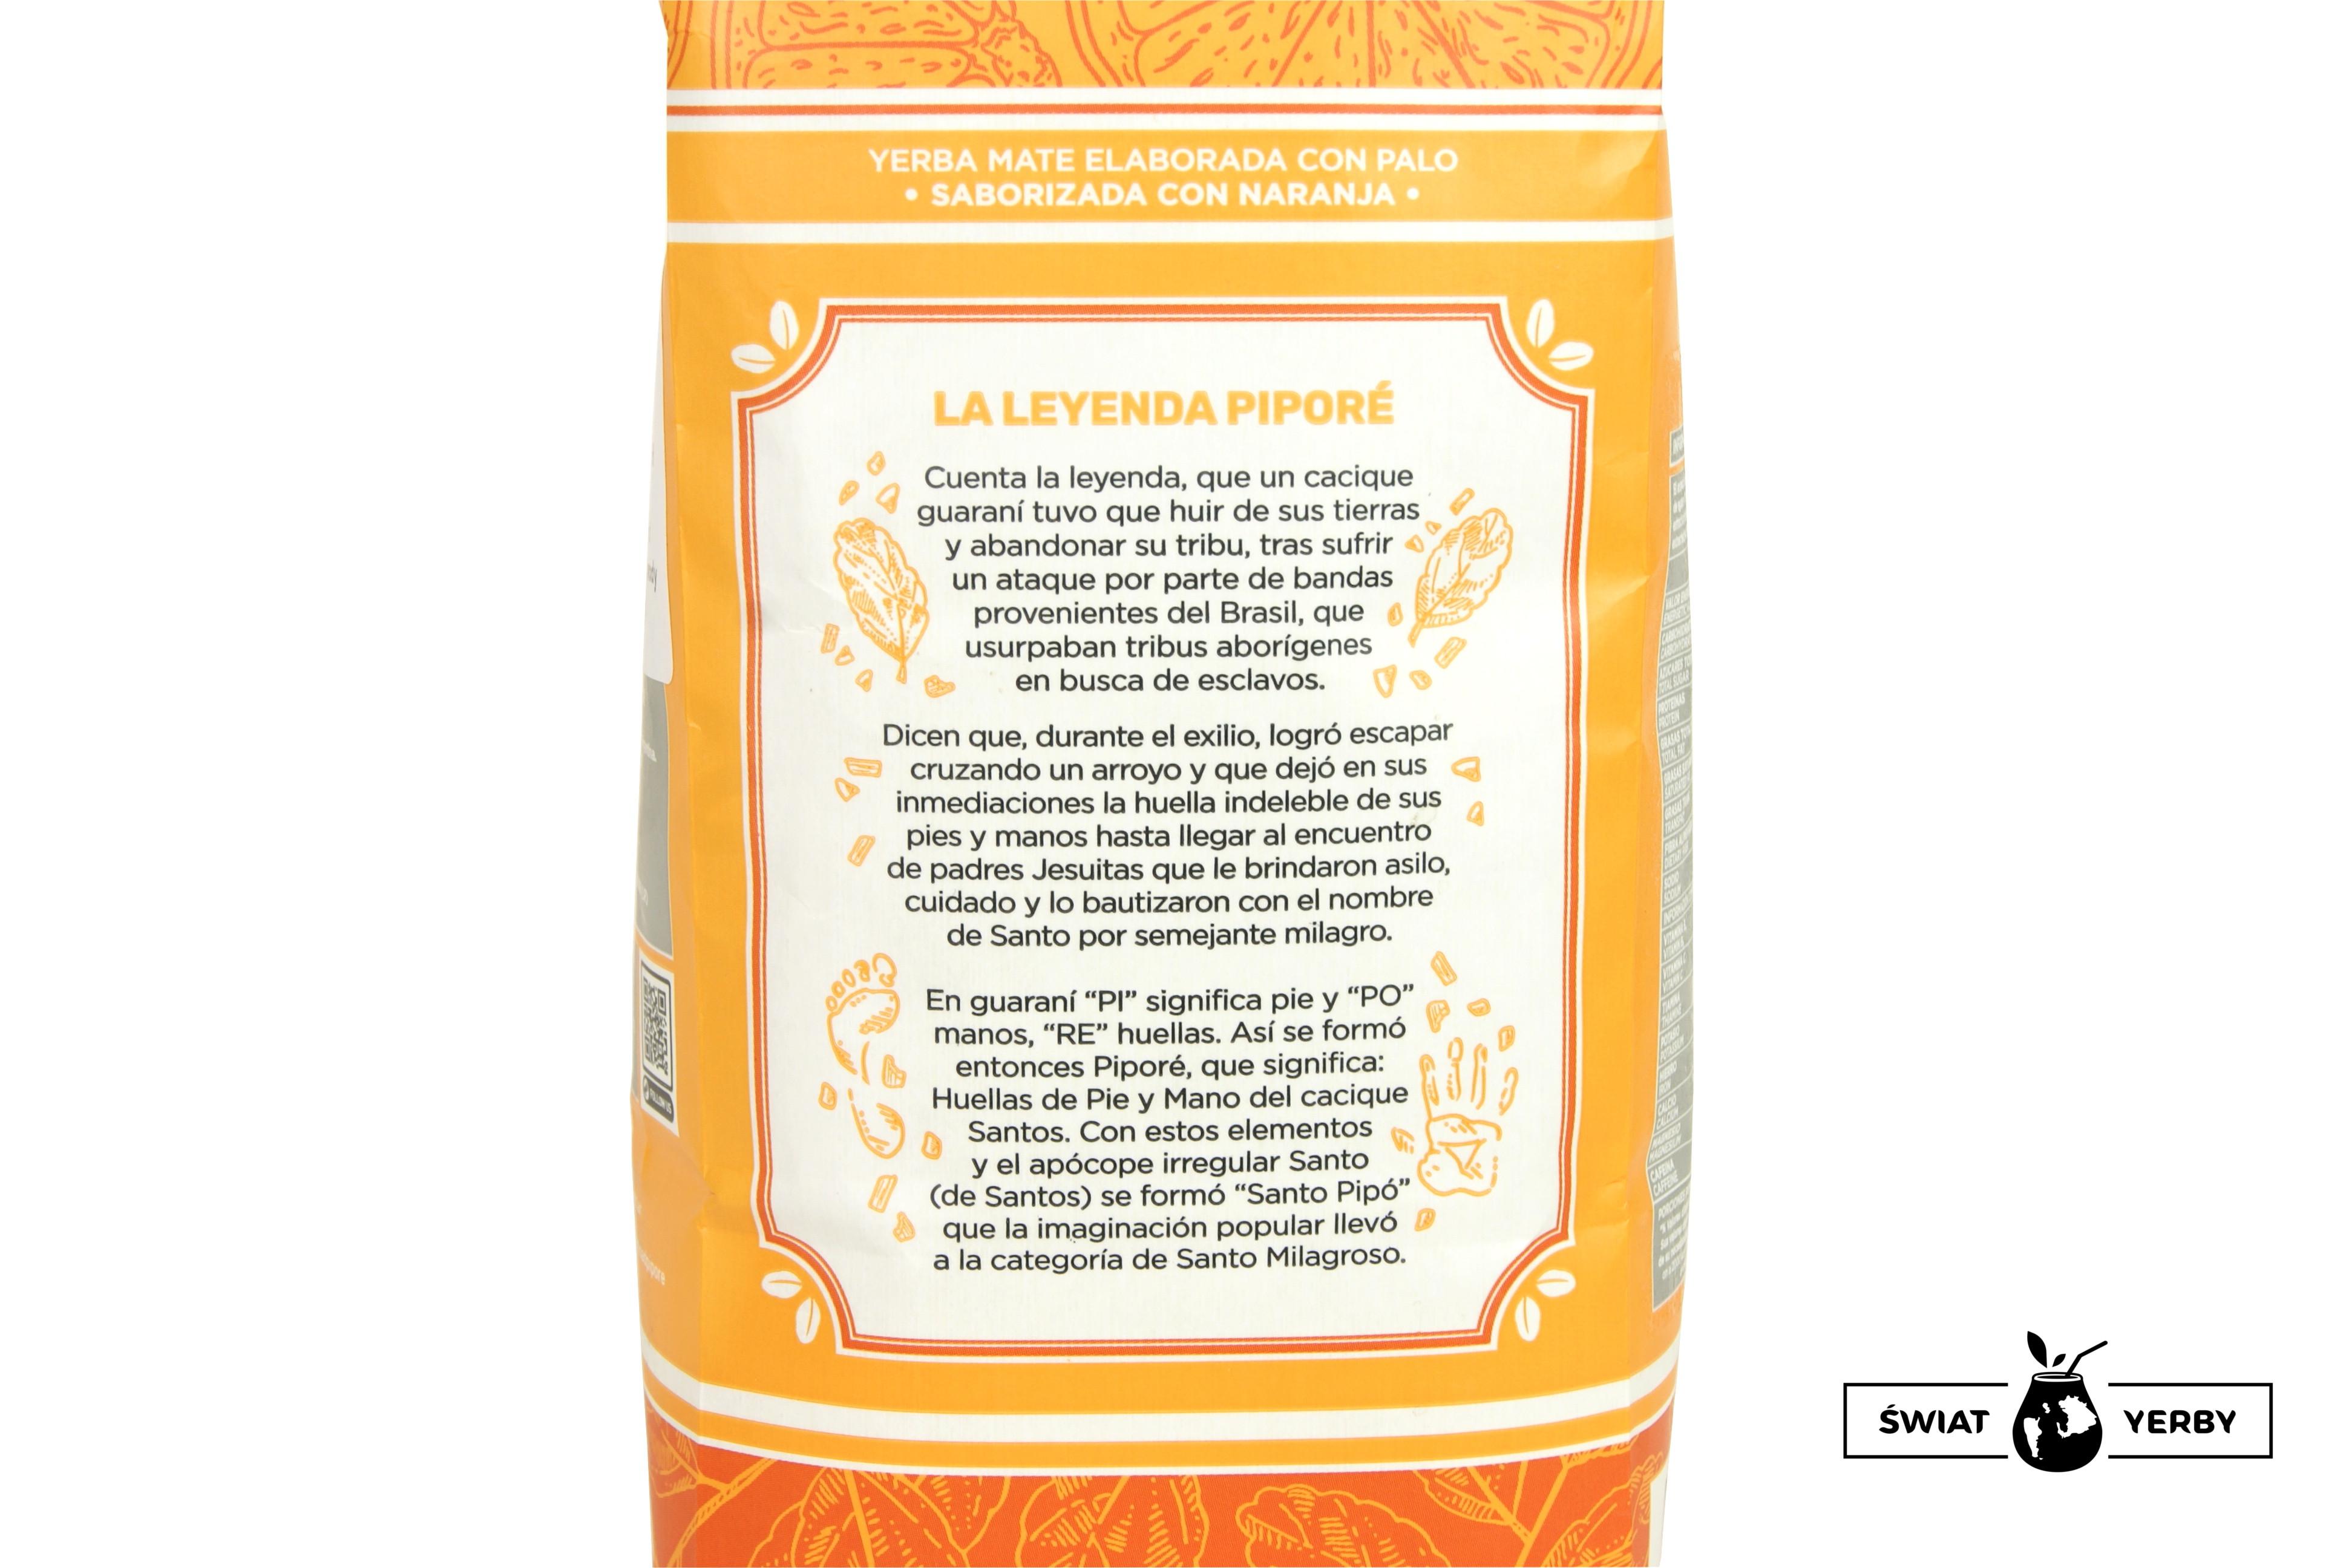 Pipore Naranja legenda